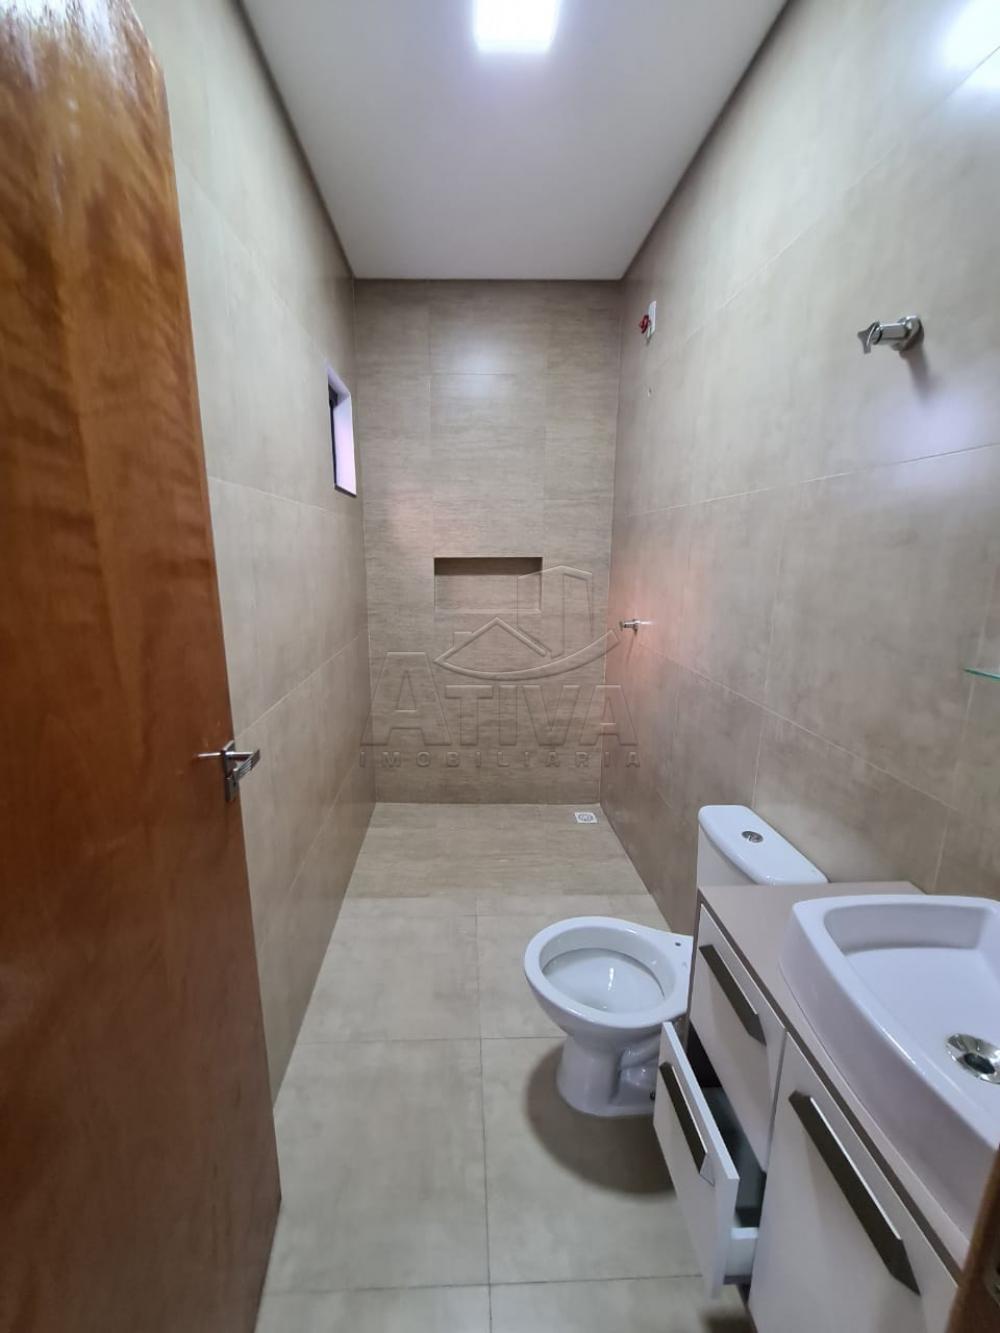 Comprar Casa / Padrão em Toledo R$ 195.000,00 - Foto 13